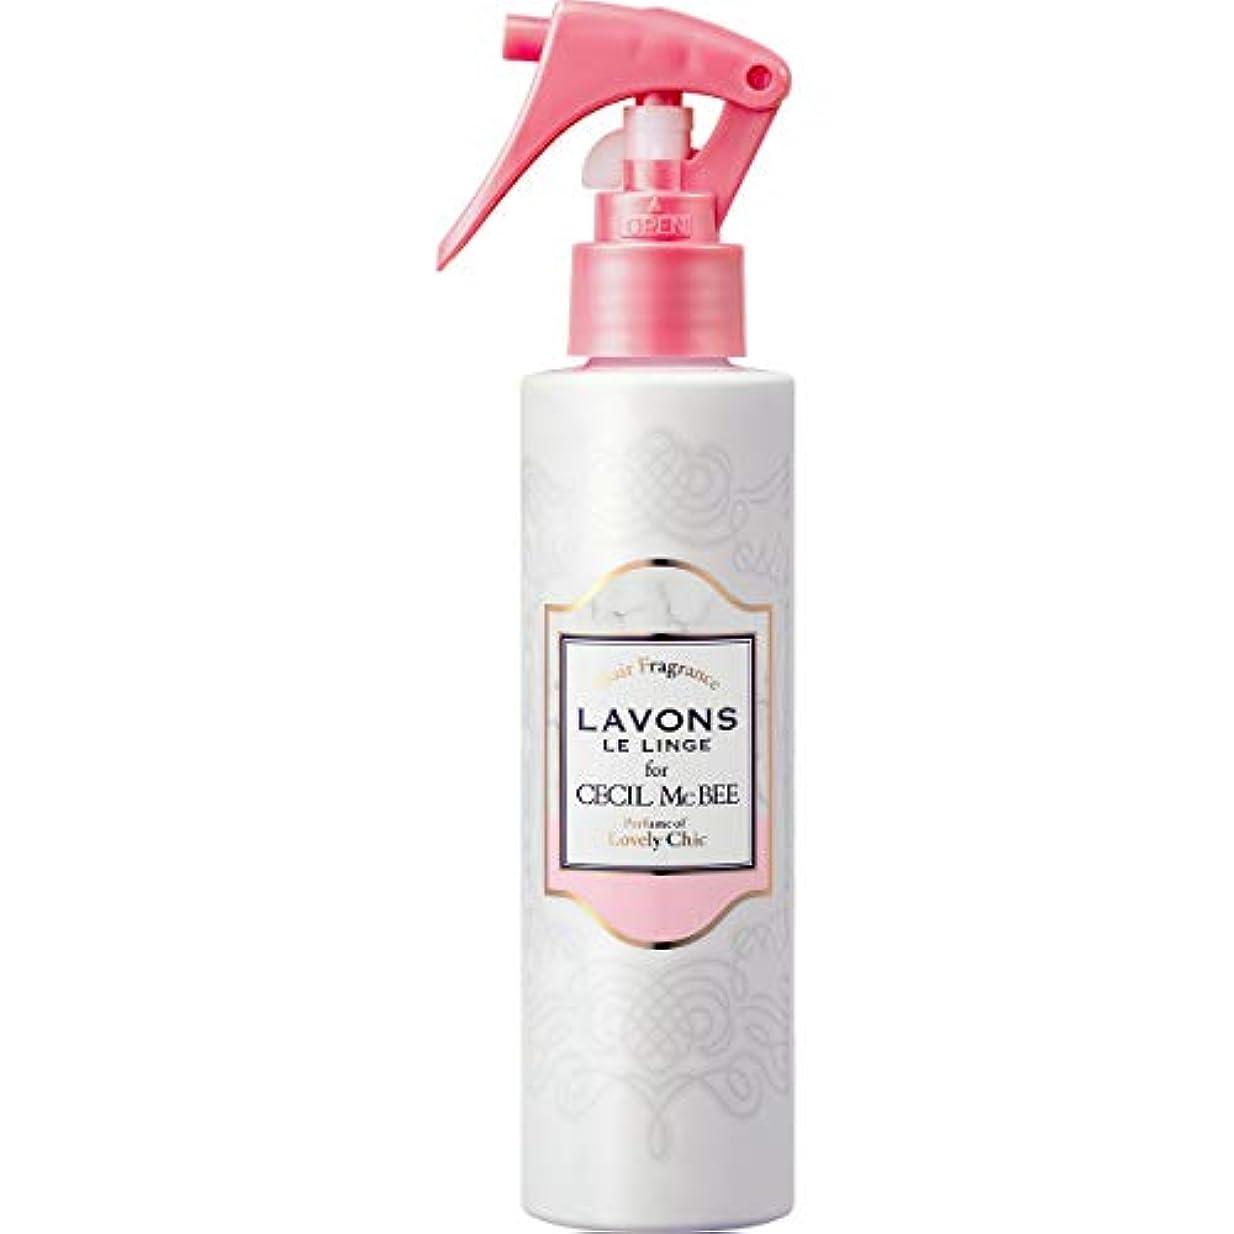 ブレンドうめき誇張するラボン for CECIL McBEE ヘアフレグランスミスト ラブリーシックの香り 150ml